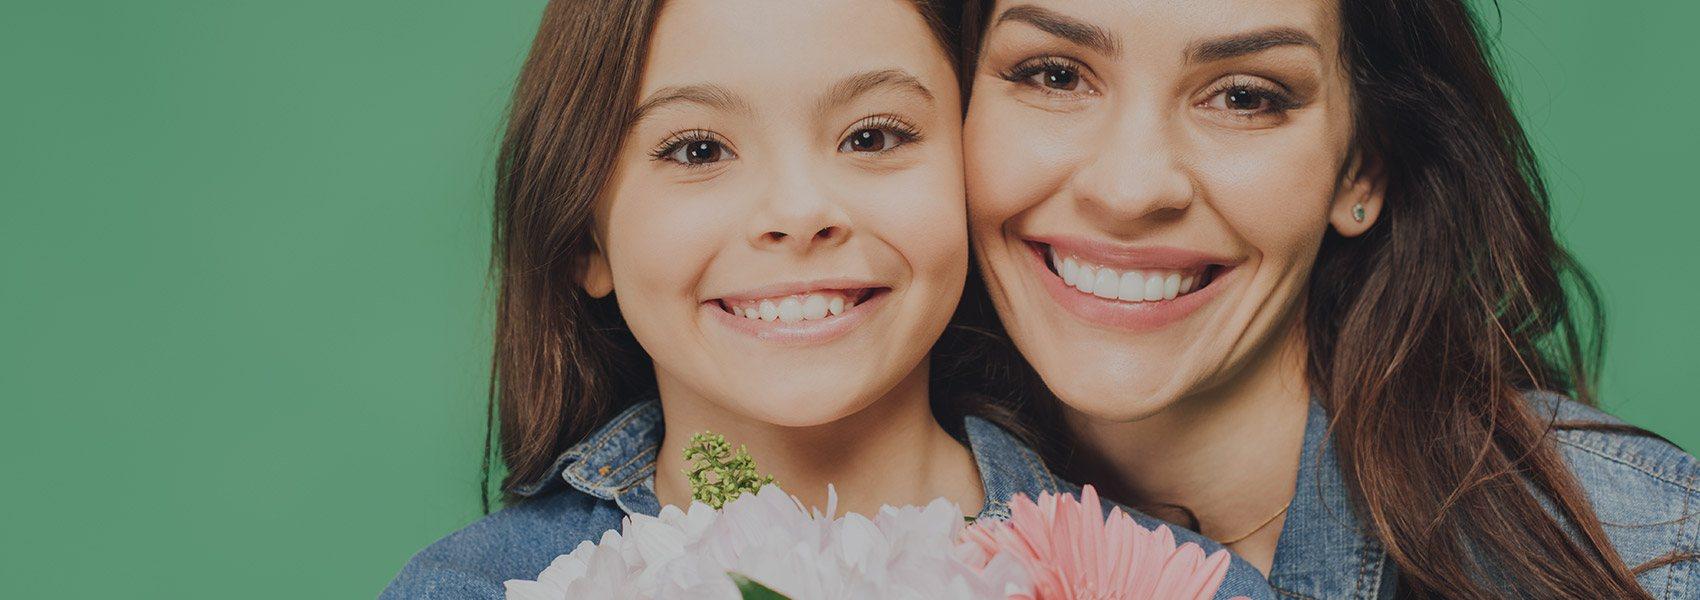 Ortho Screenings - Distinctive Dentistry